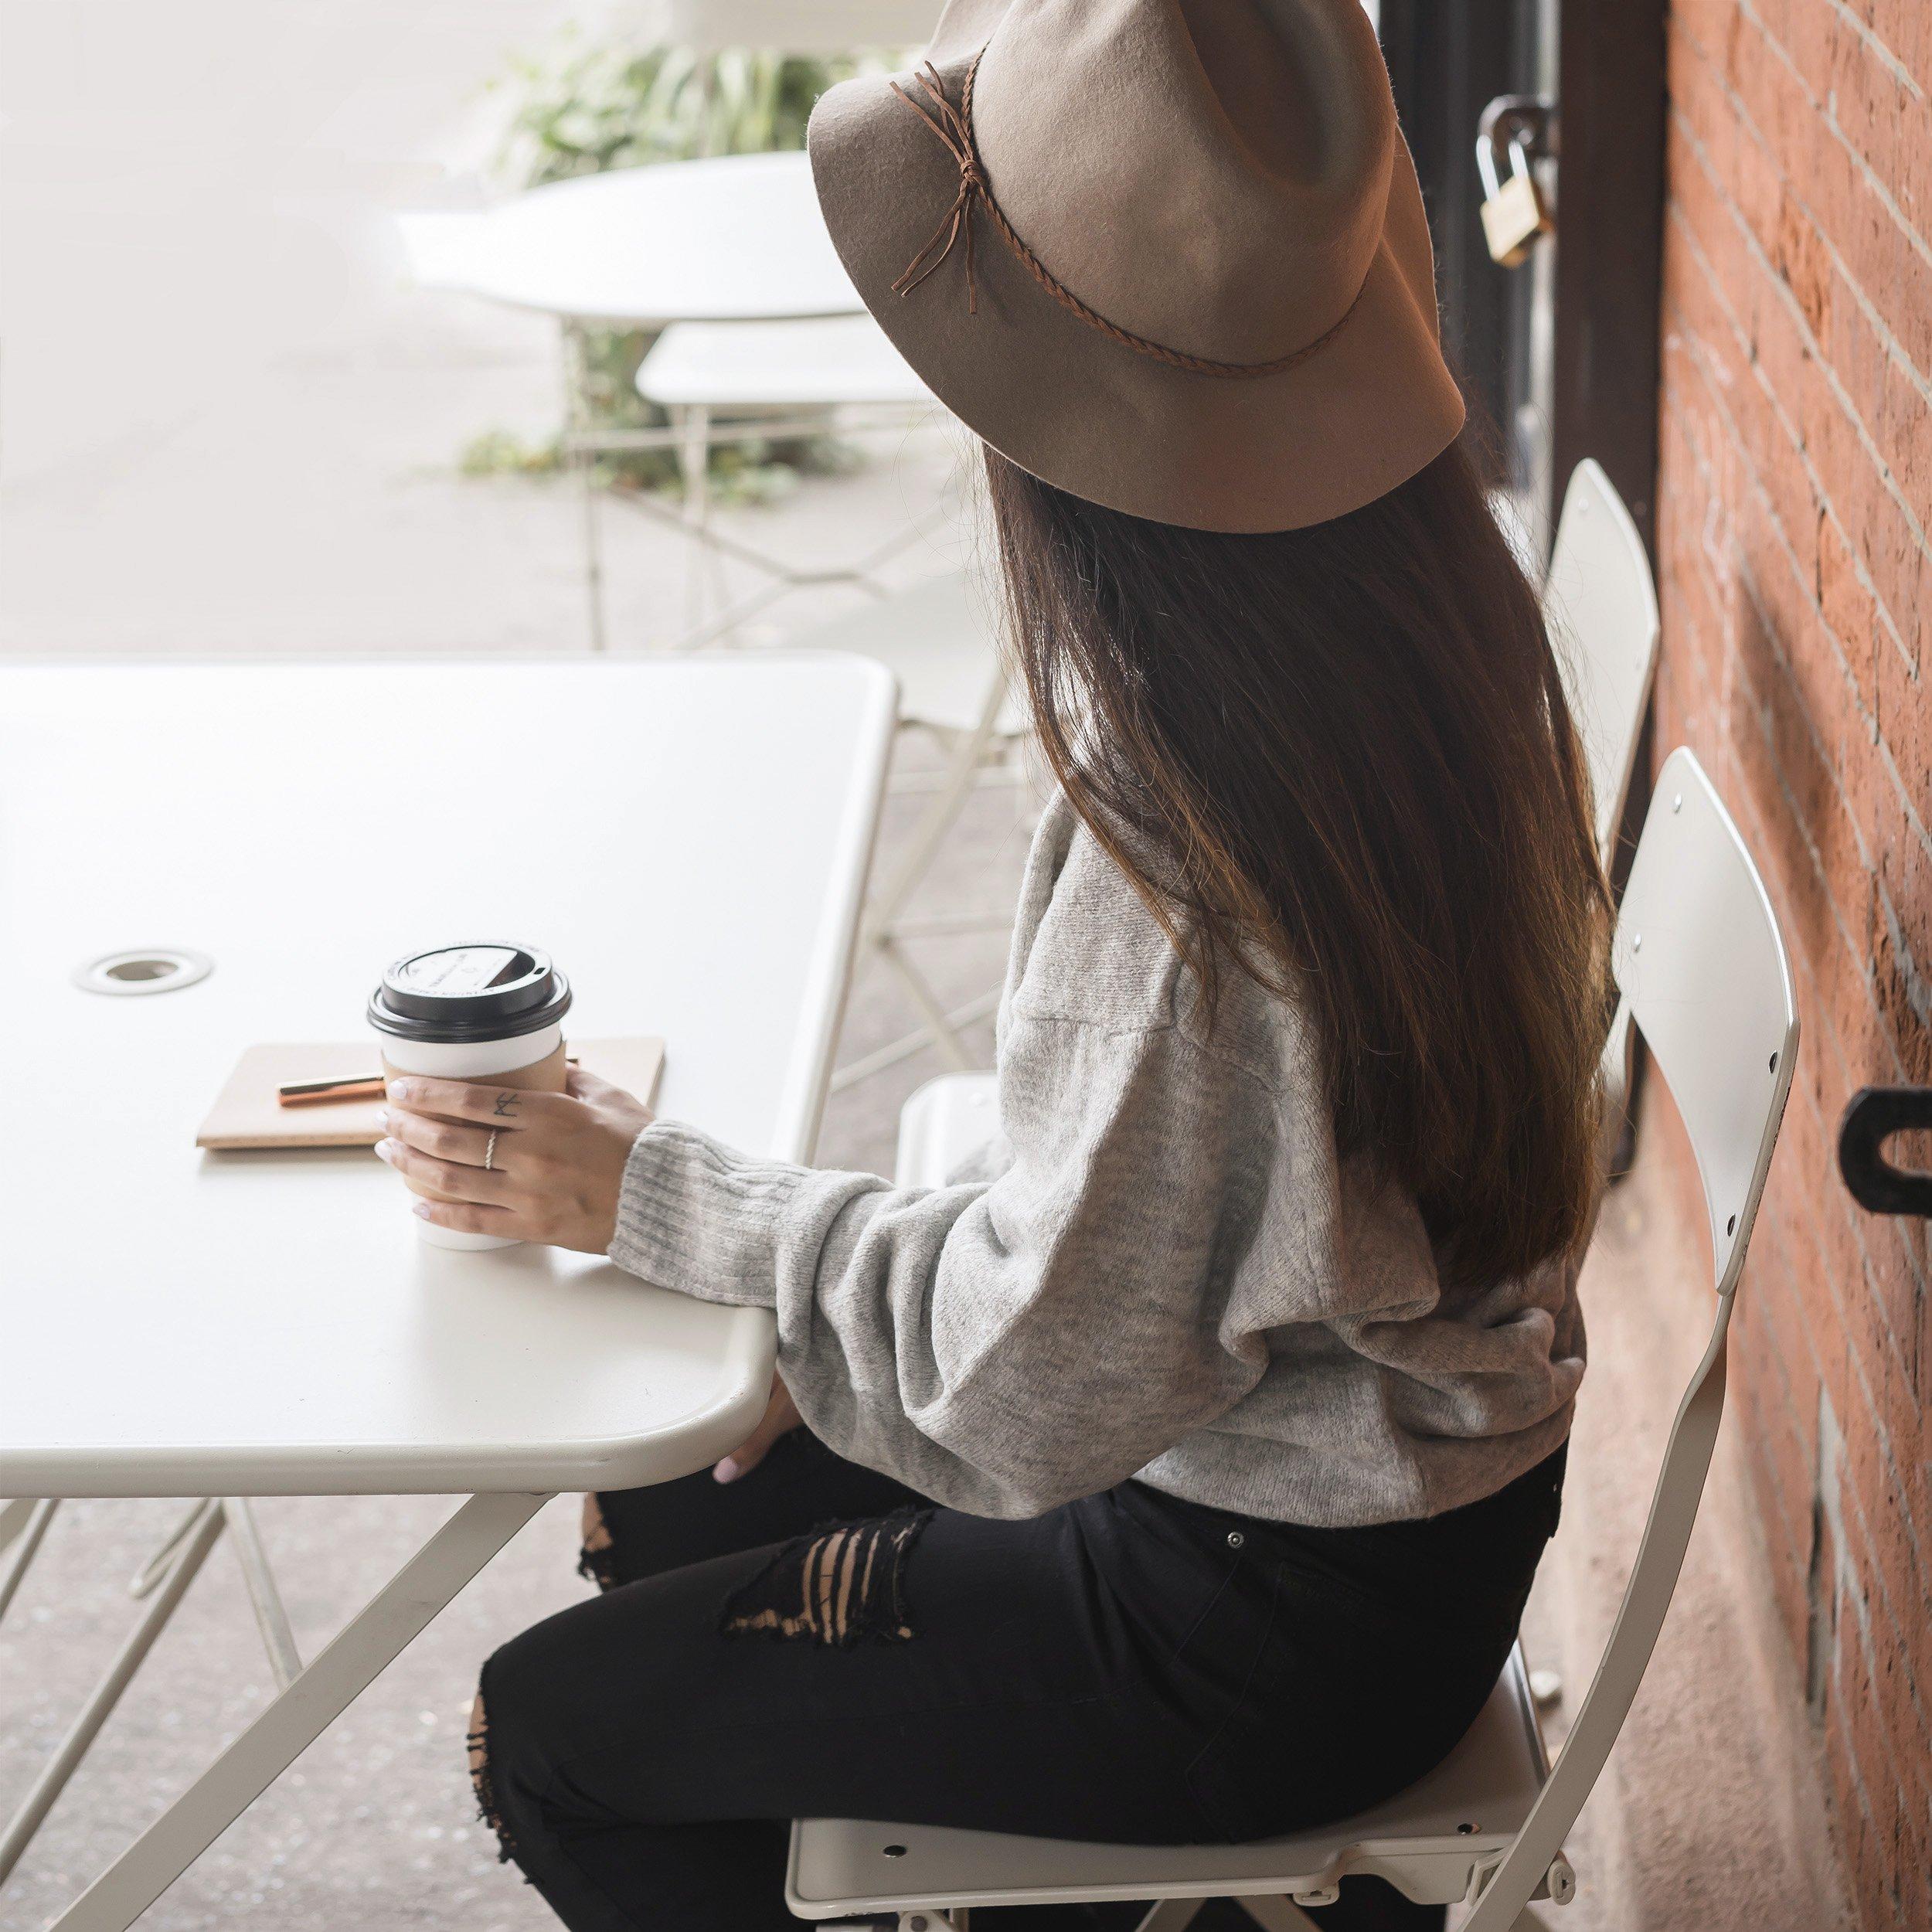 SSS Caffeinated Entrepreneur 1